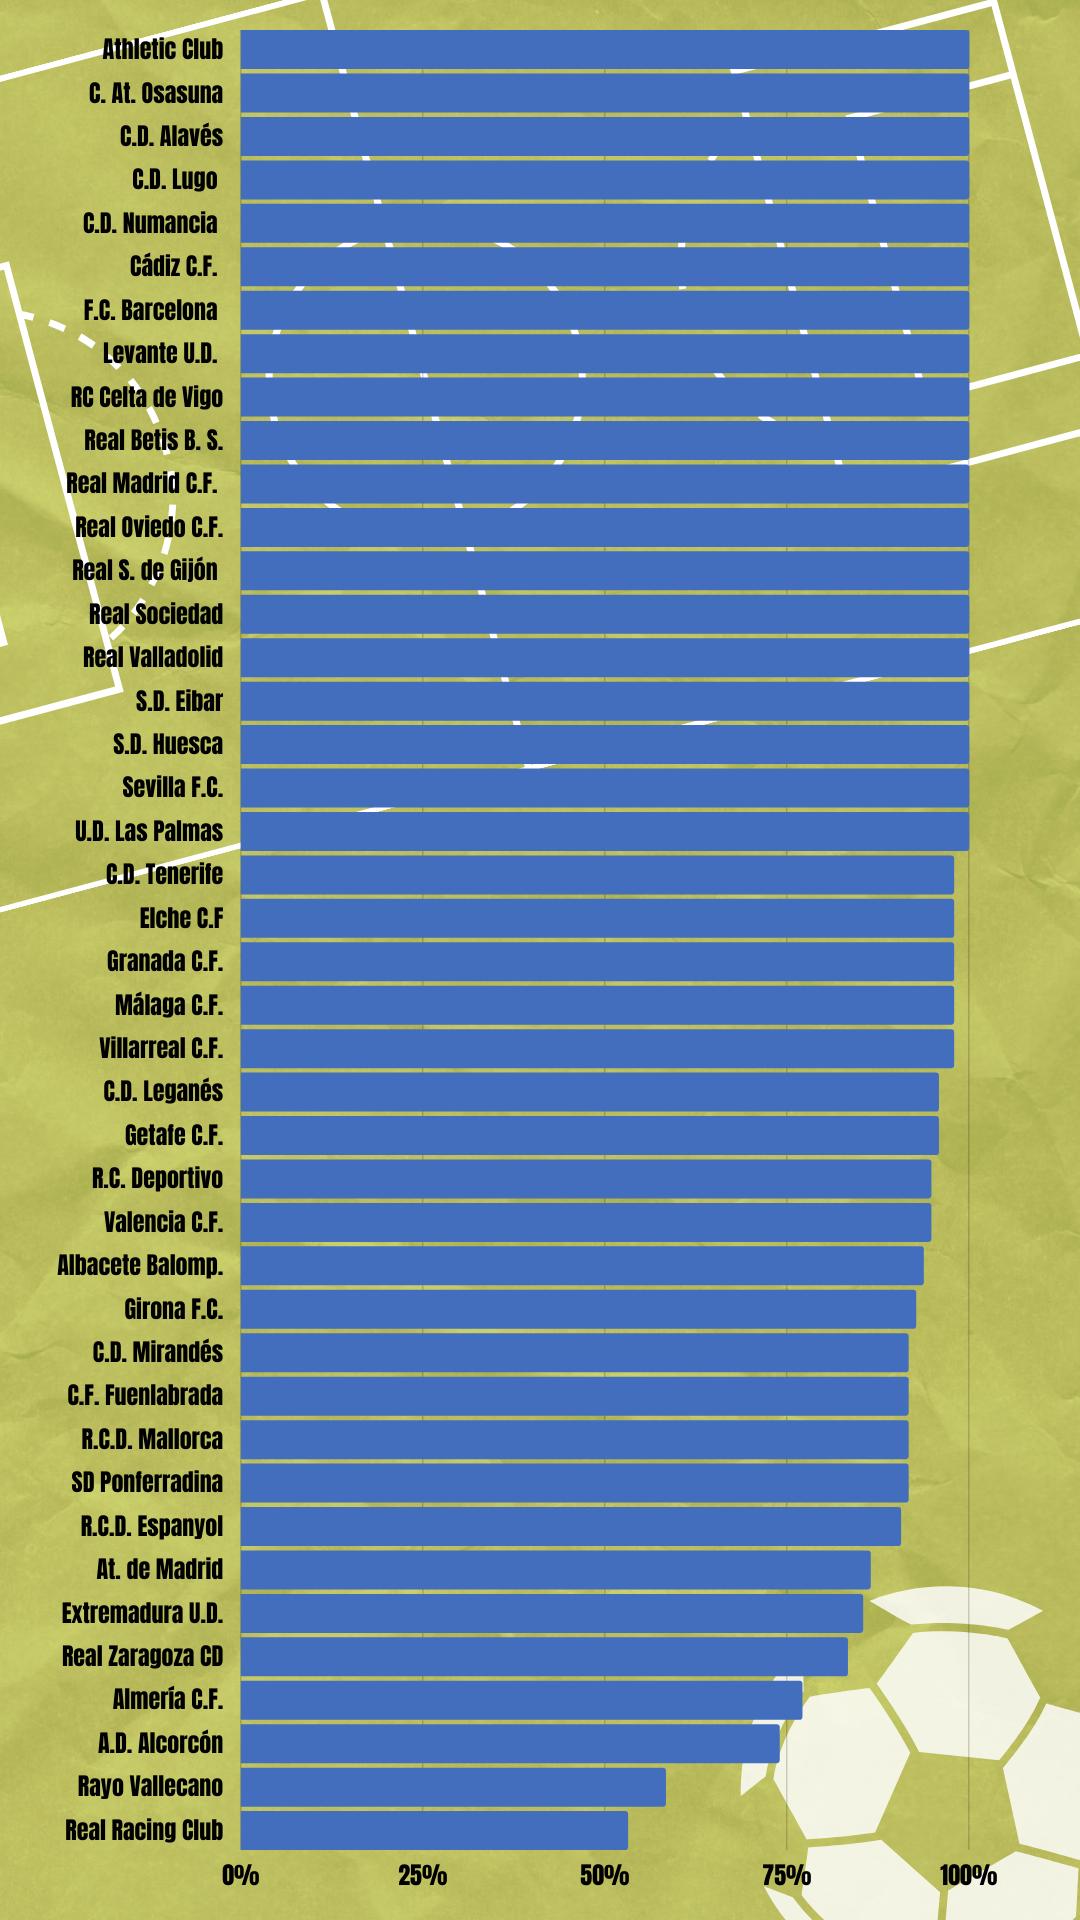 Sobresaliente en transparencia a los equipos de fútbol, según Transparencia Internacional